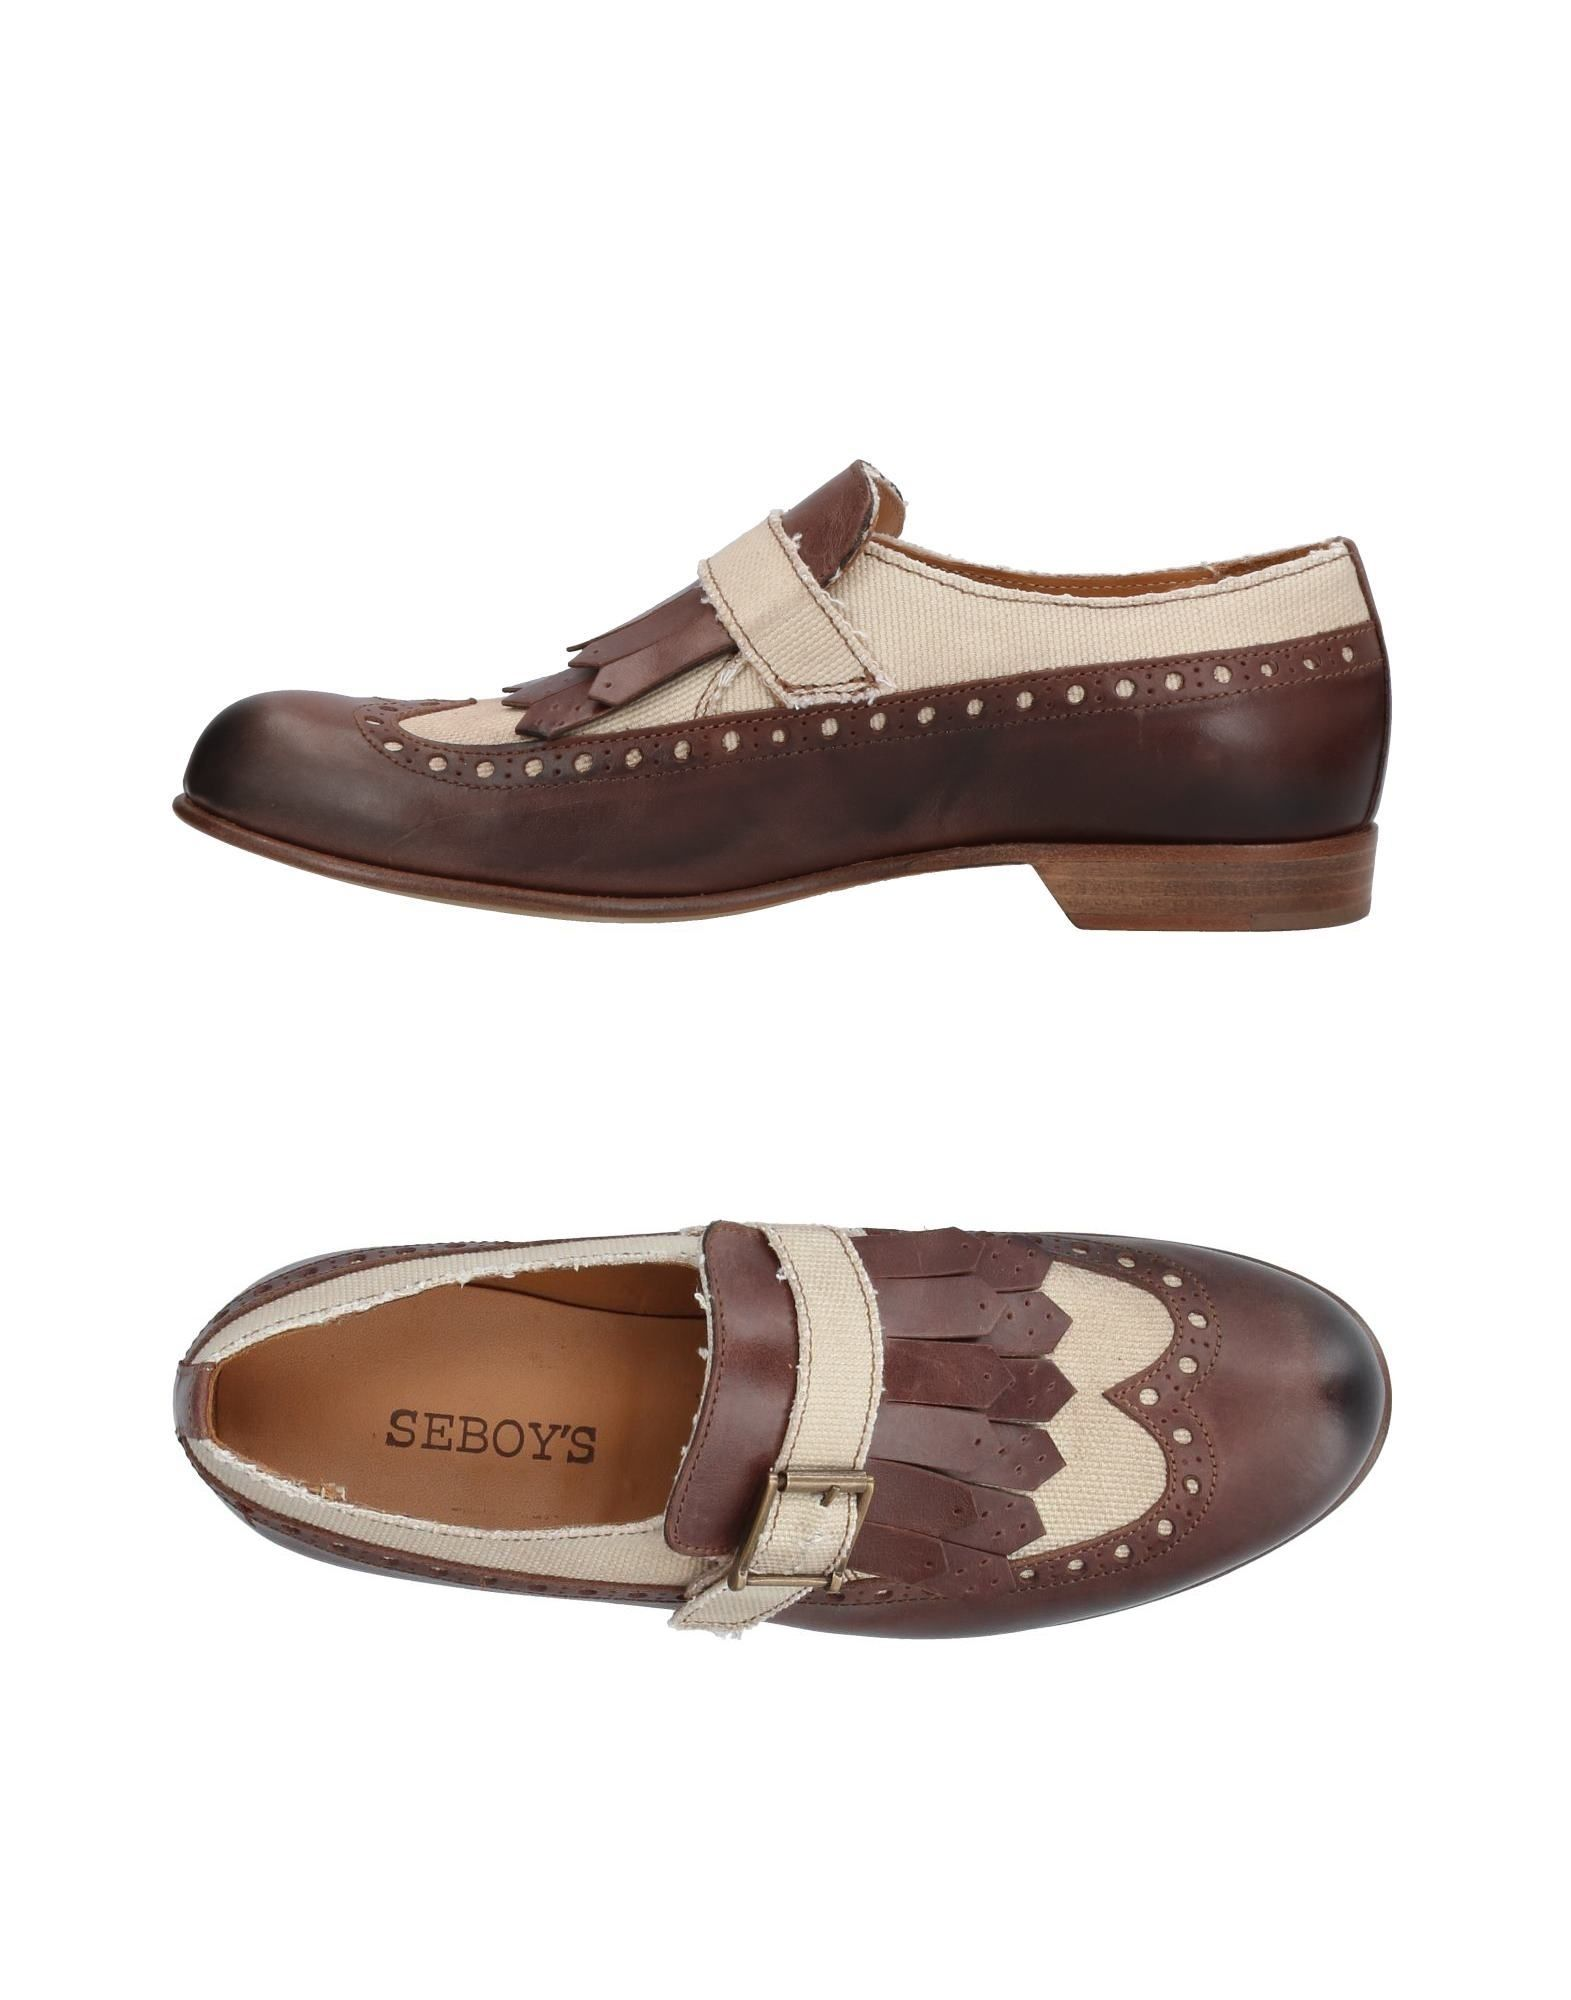 Günstige und modische Schuhe Seboy's Schnürschuhe Damen  11379214CT